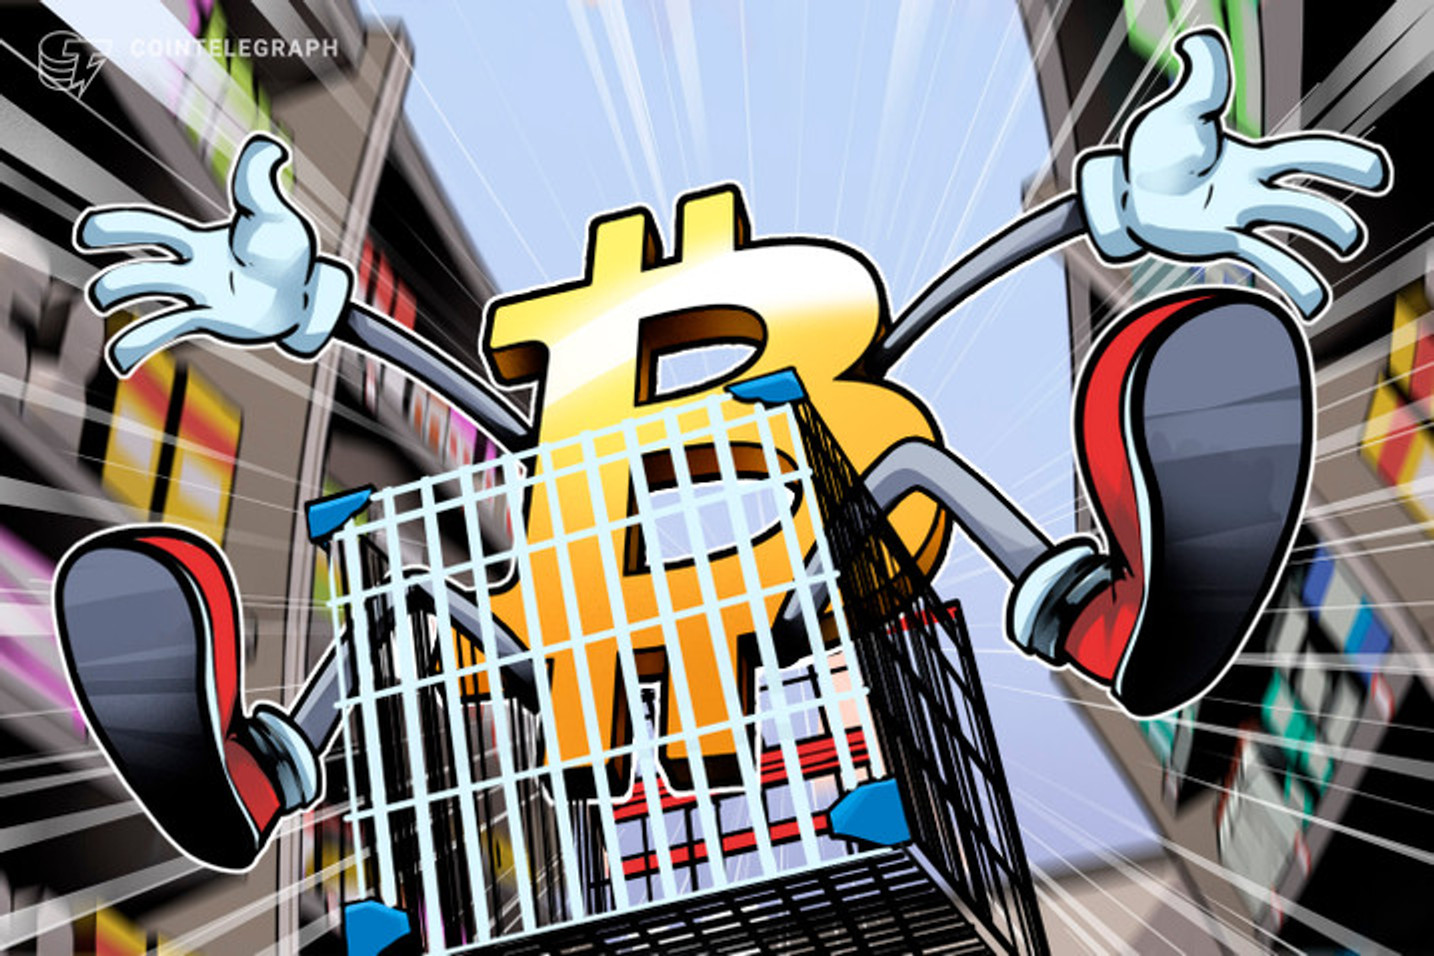 Mineradora de Bitcoin listada na Nasdaq compra pela primeira vez US$ 150 milhões em BTC para fundo de reserva